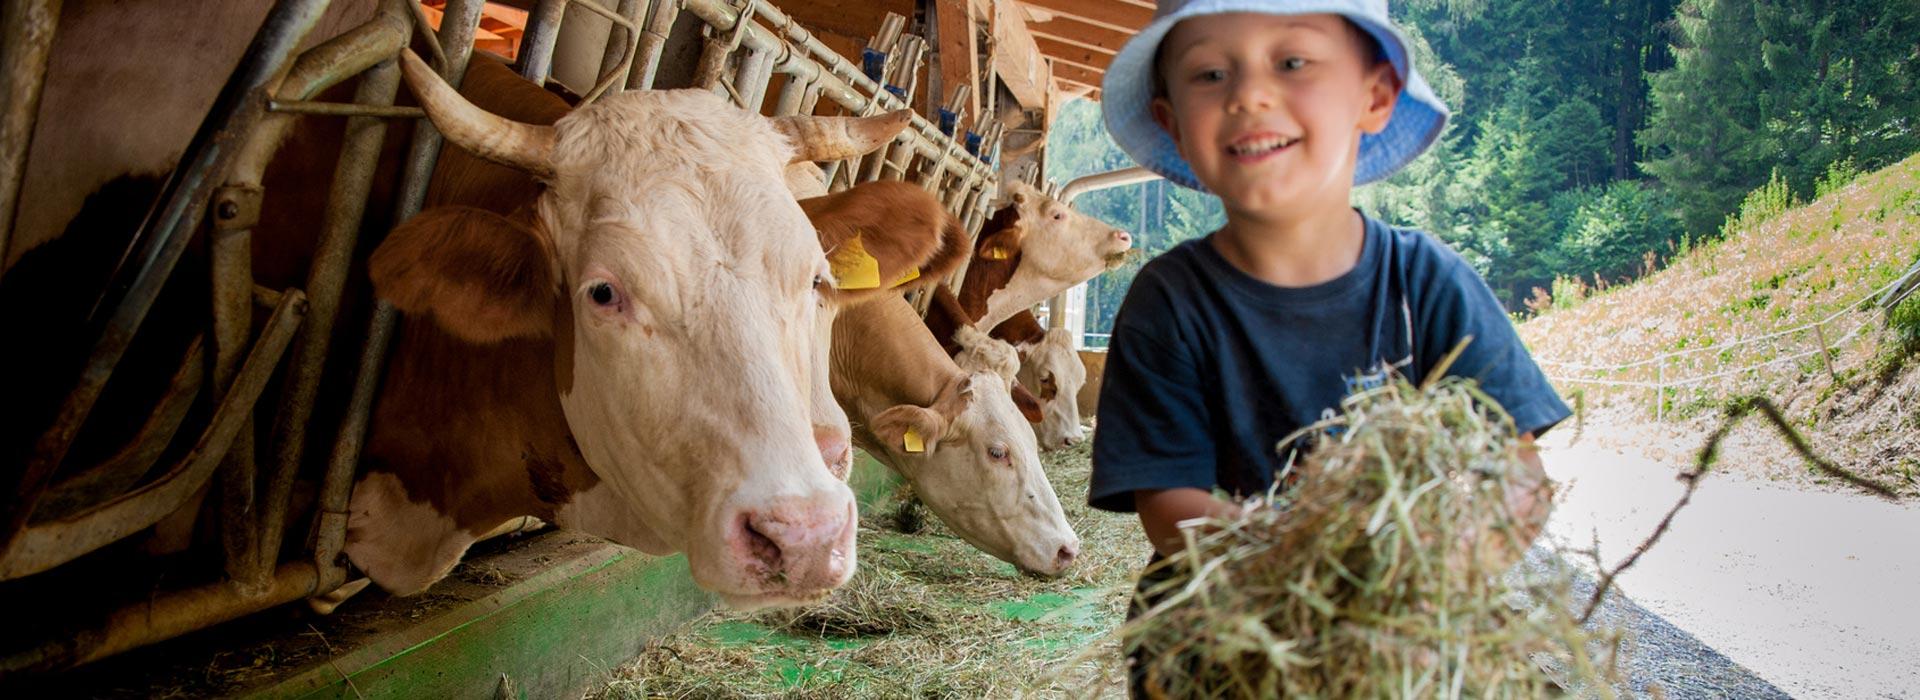 Foto: ©stefano - stock.adobe.com